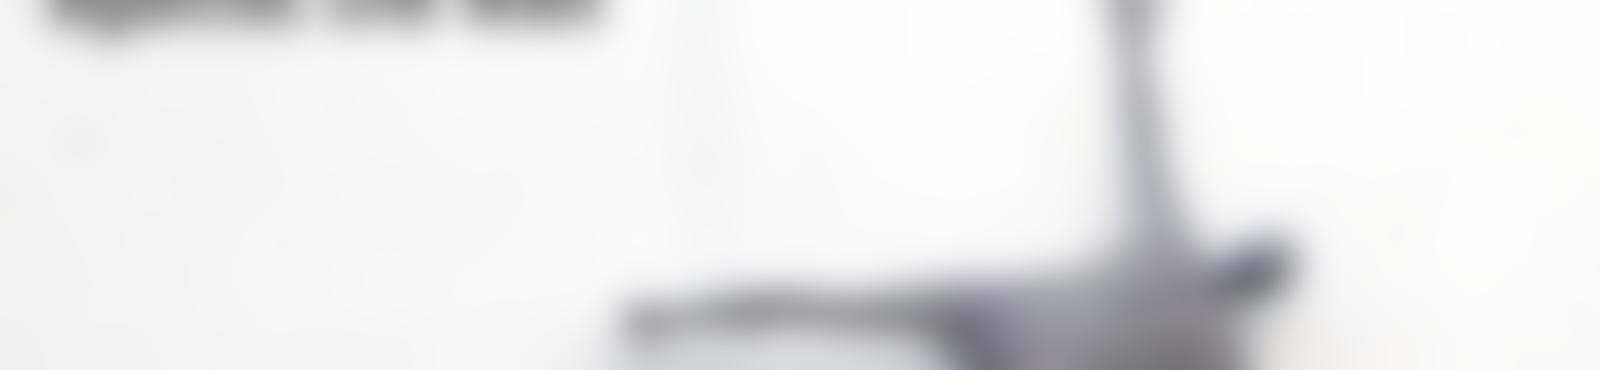 Blurred 212d1081 fd3a 442a 97b6 27f3b27463af